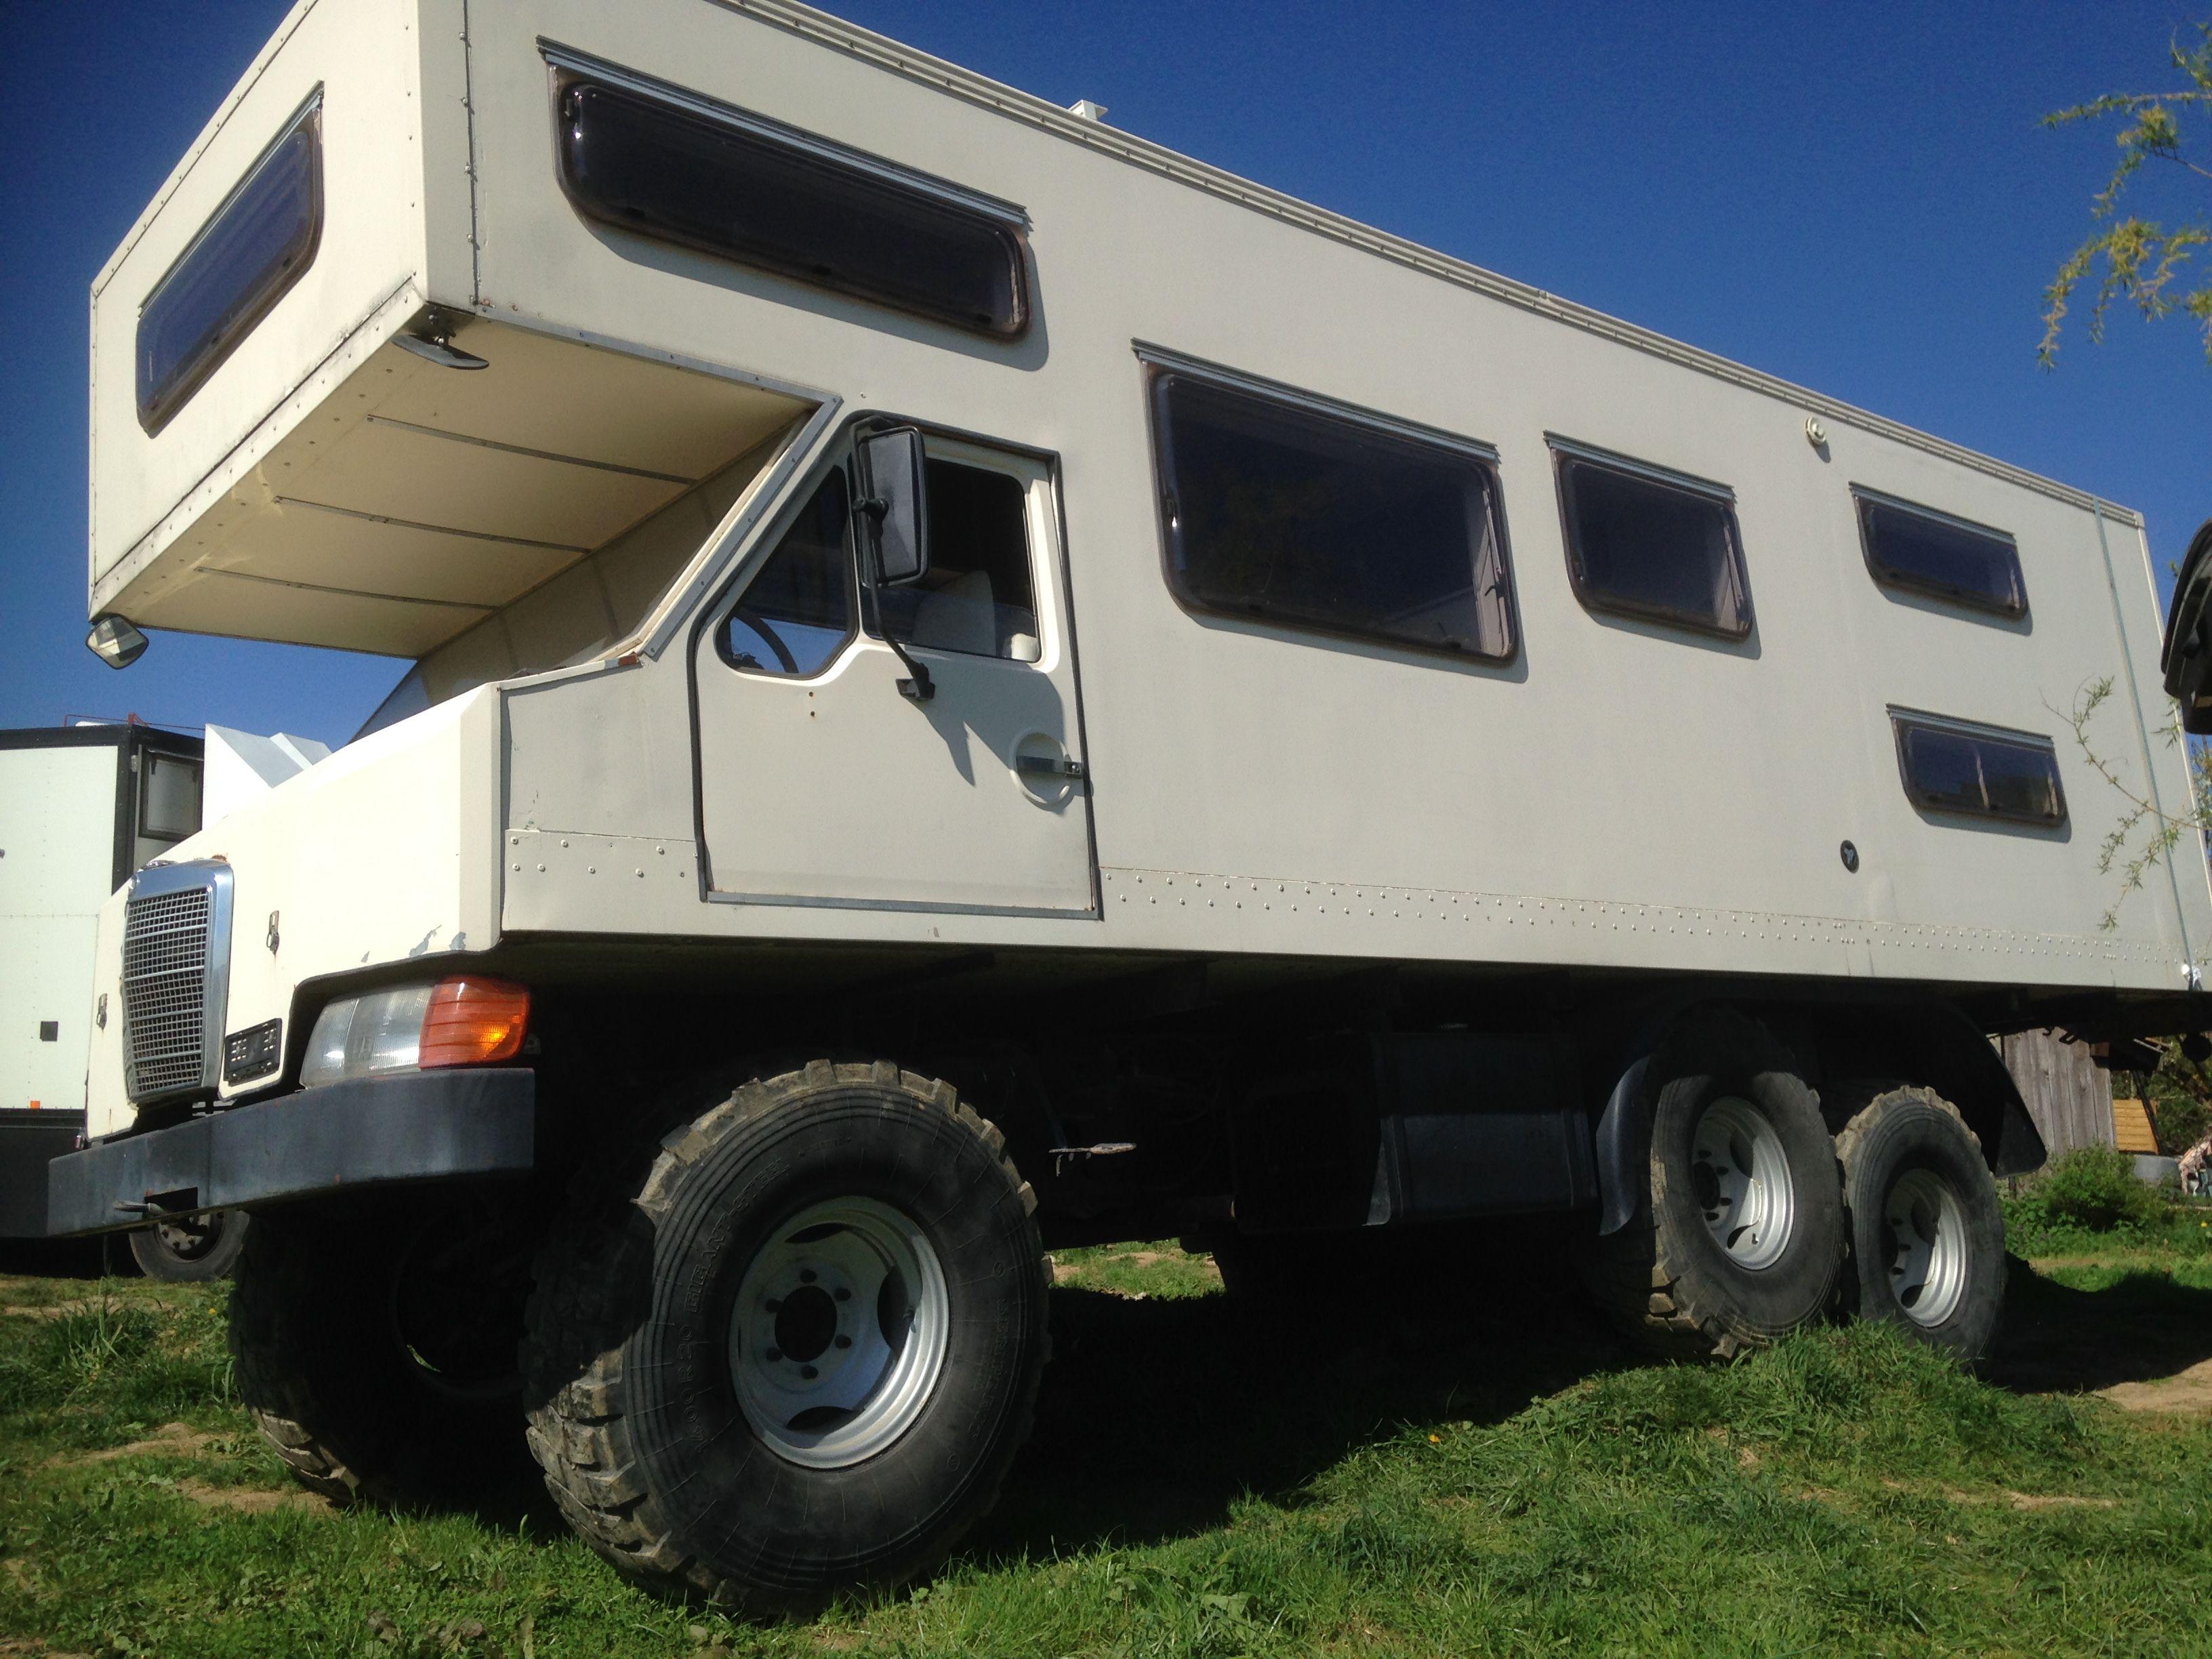 hymer travelworld lt motorhomes original for sale m